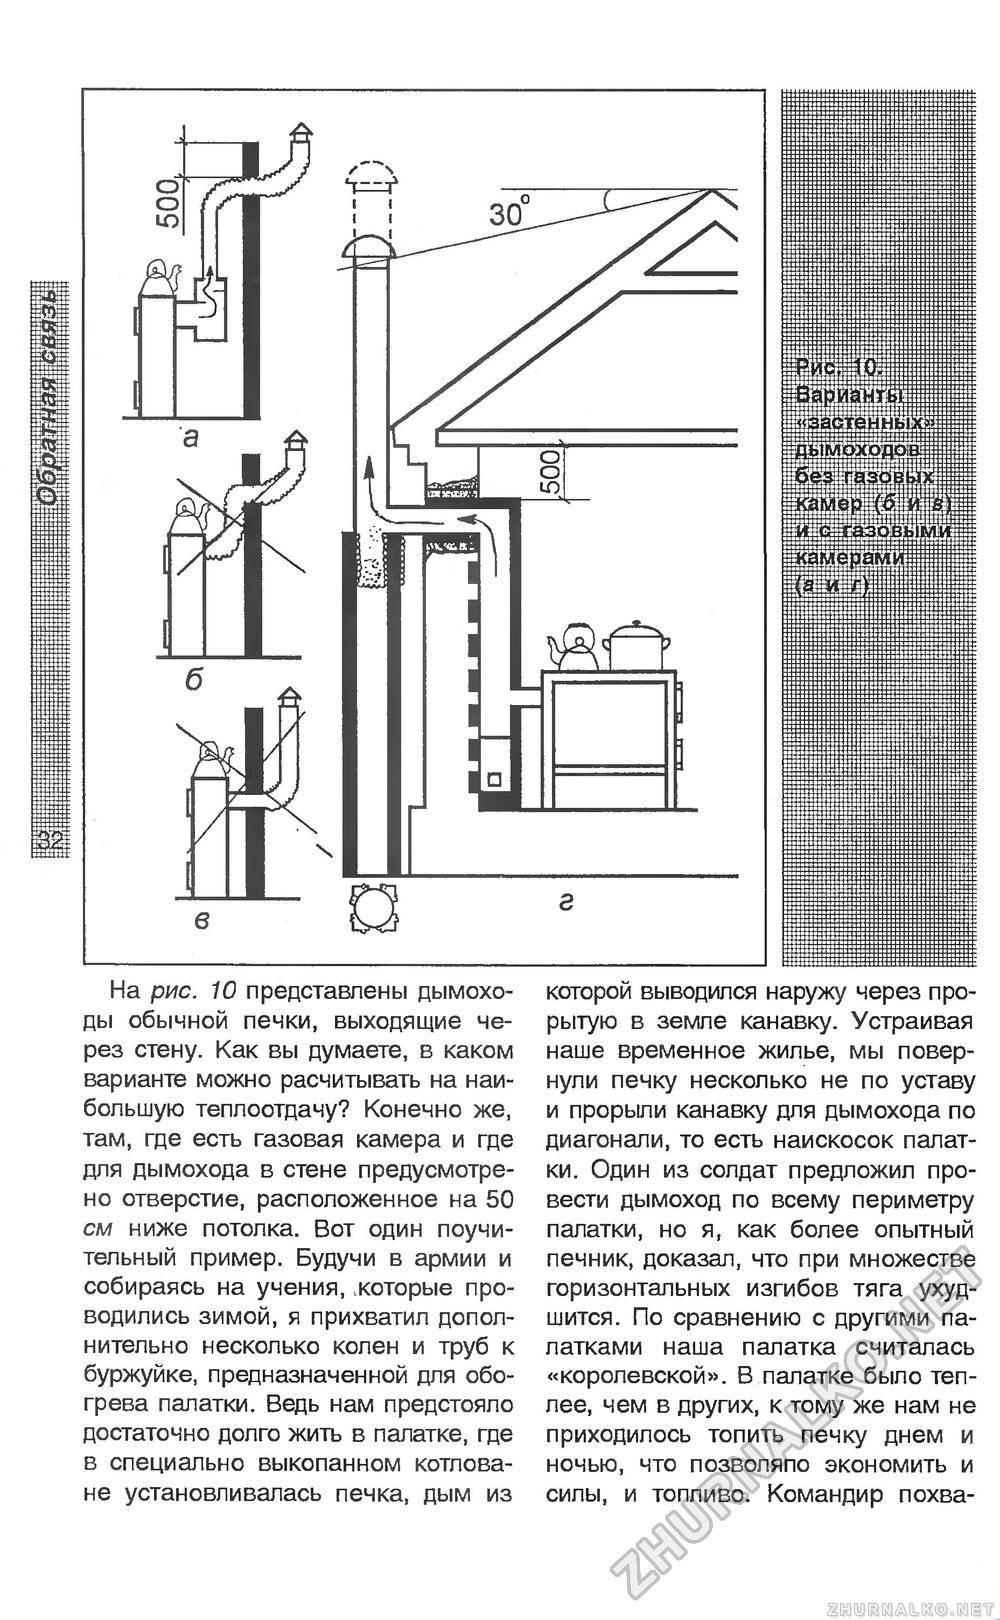 Советы по изготовлению дымохода для буржуйки